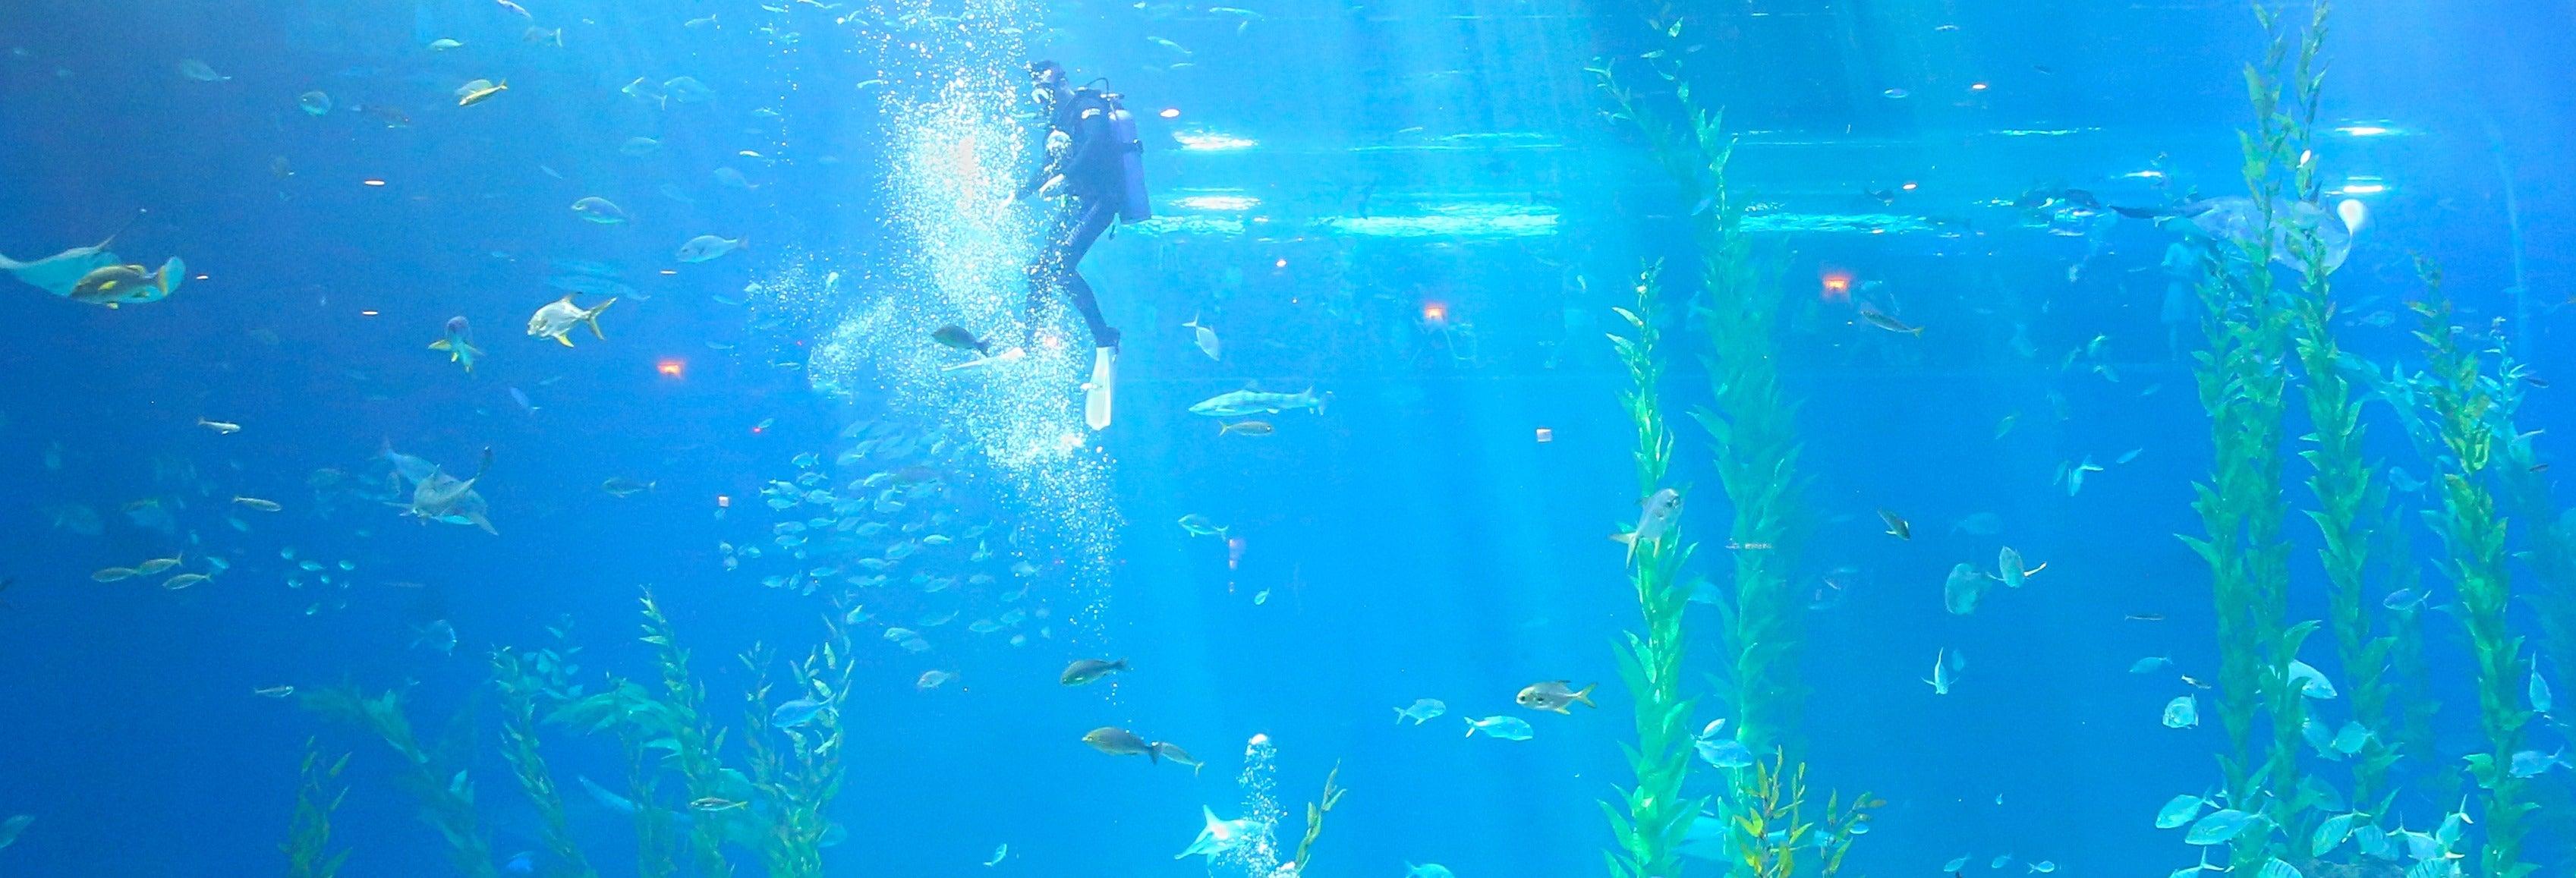 Billet pour l'Aqua Planet Jeju